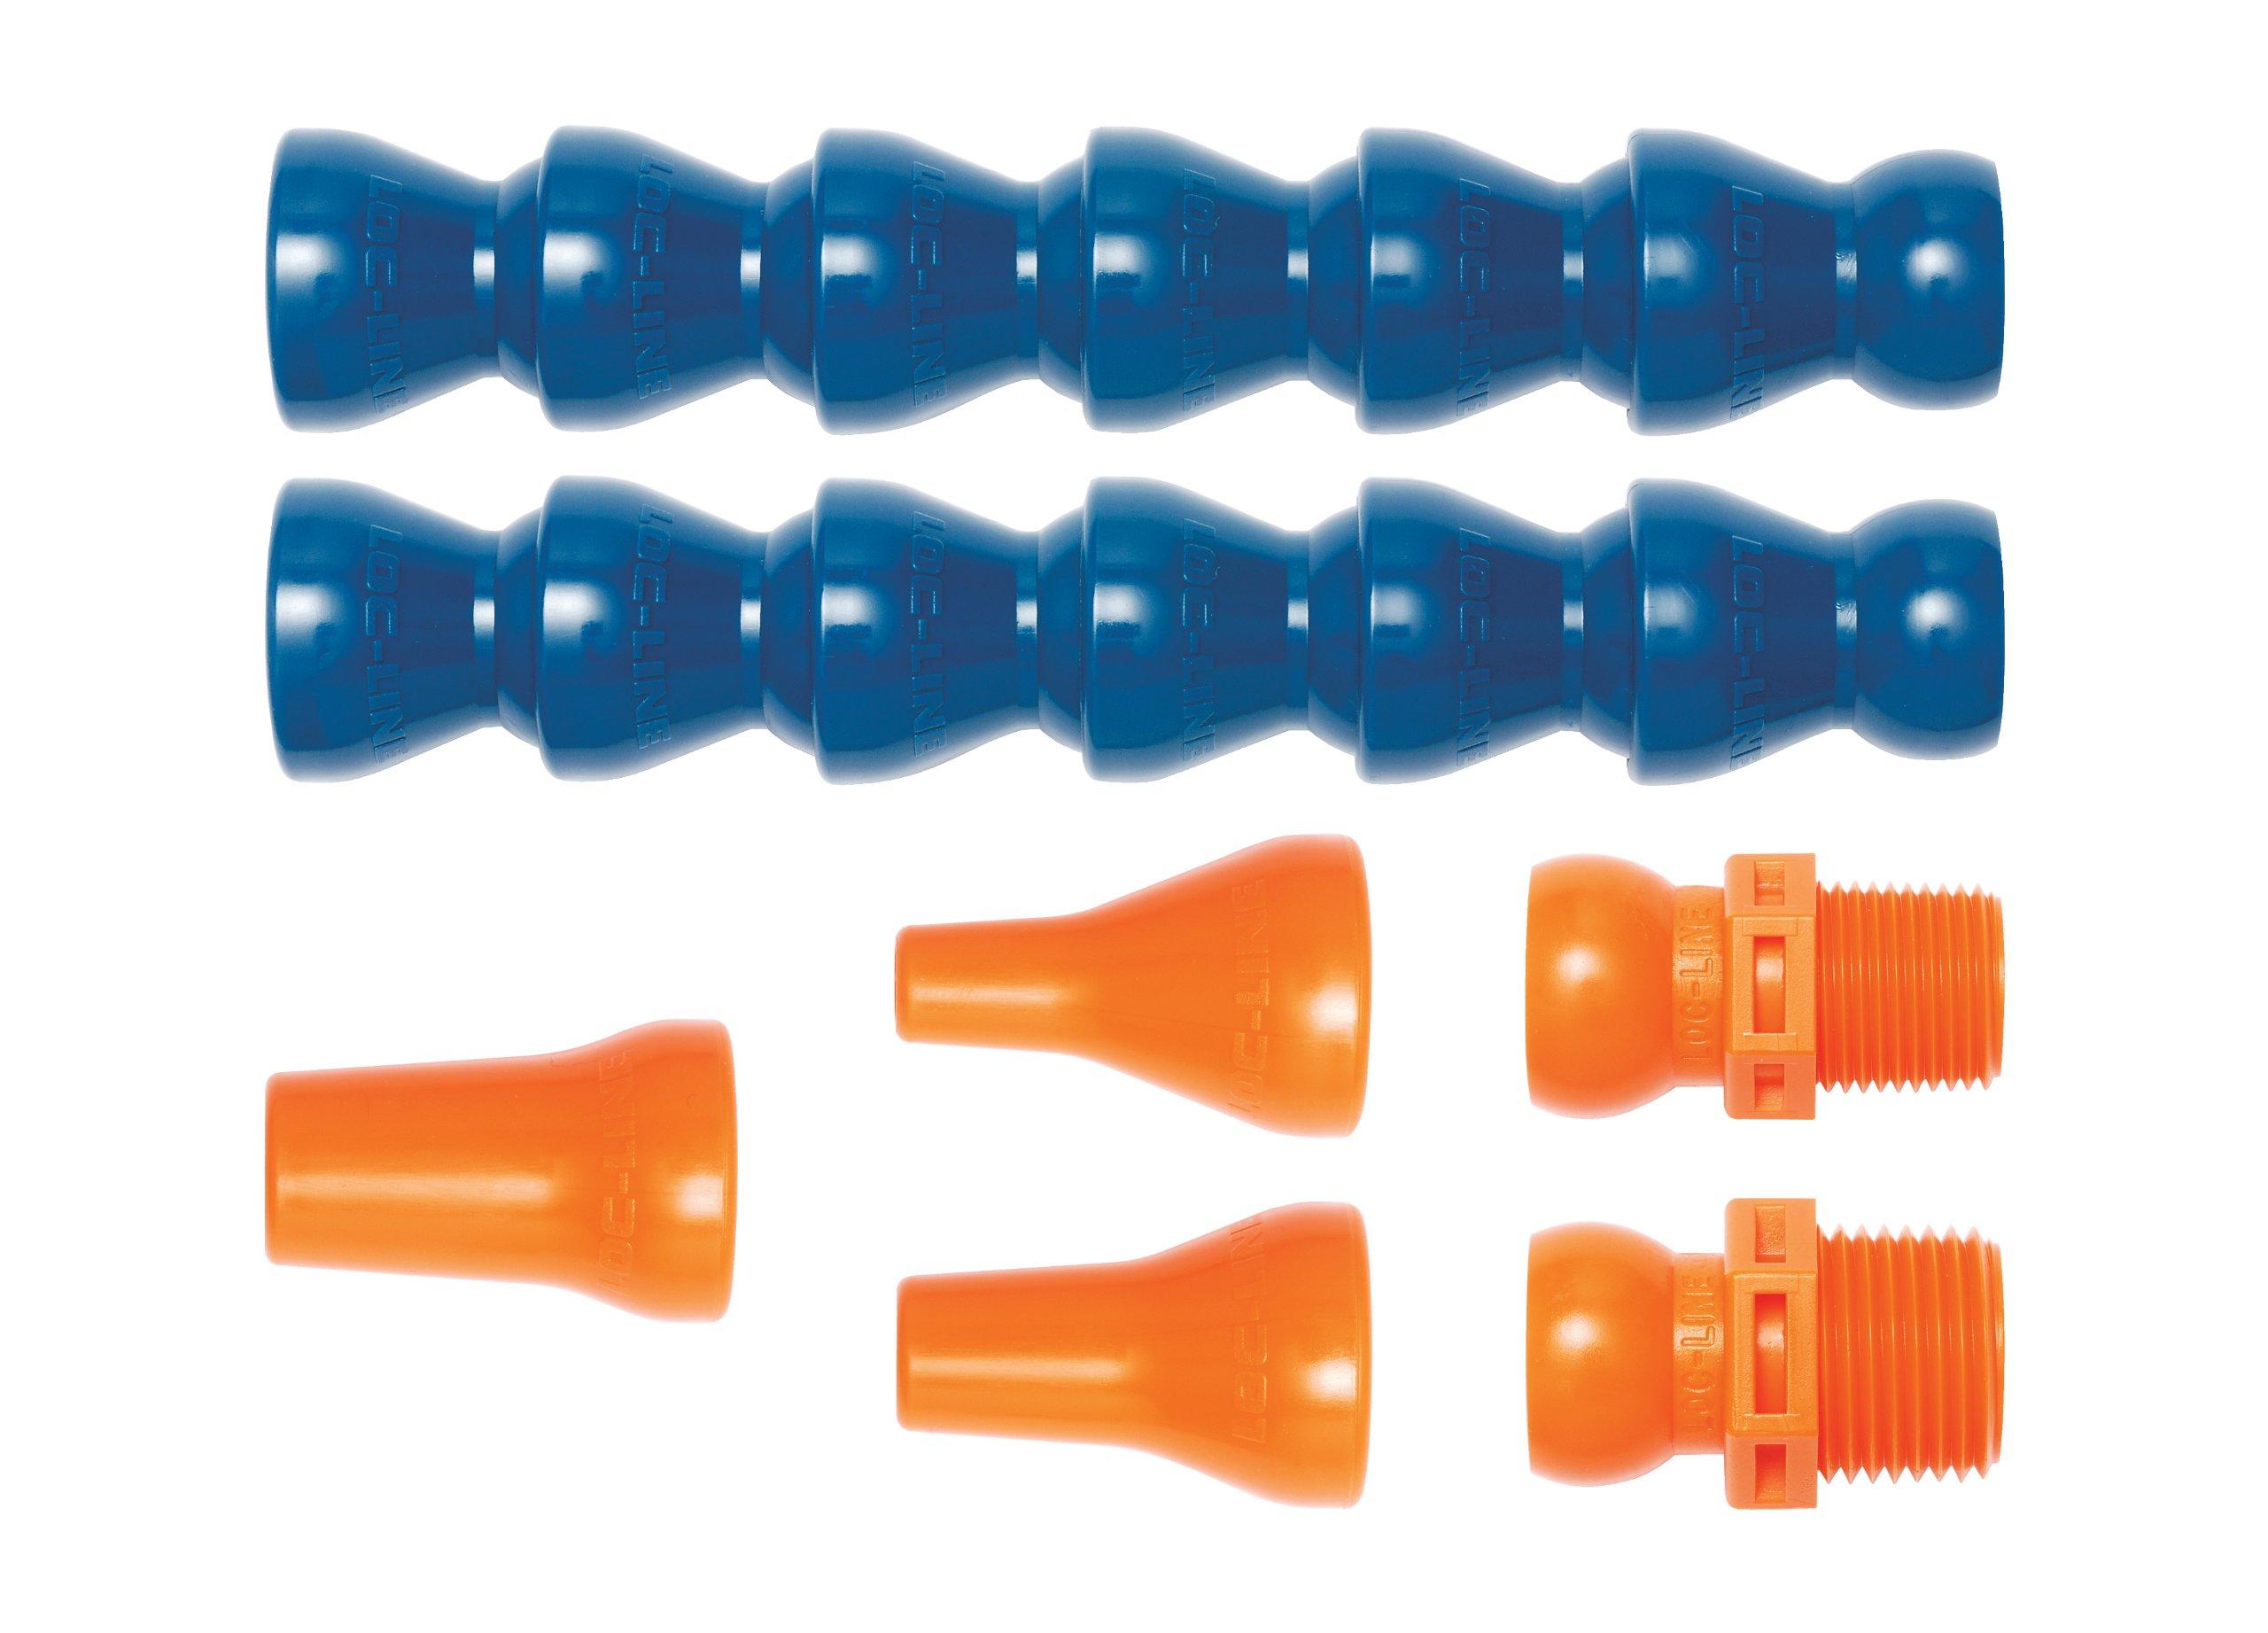 Loc-Line Coolant Hose Assembly Kit, Acetal Copolymer, 7 Piece, 1/4'' Coolant Hose ID